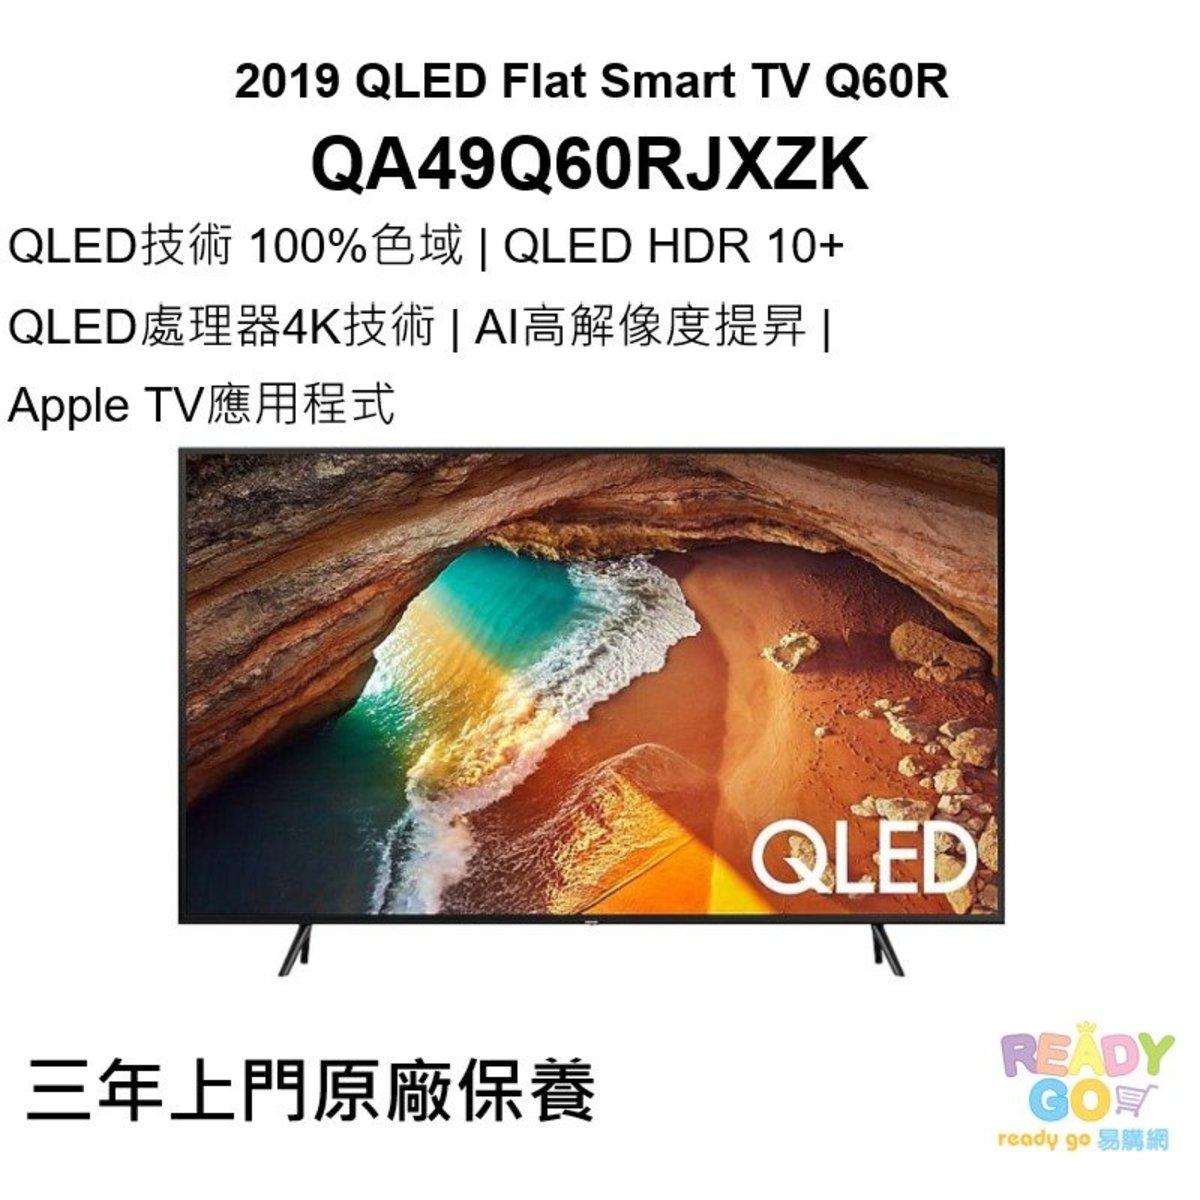 QA49Q60RA 49吋 QLED 智能4K電視  HDR 10+ UHD  (3年行貨保用)